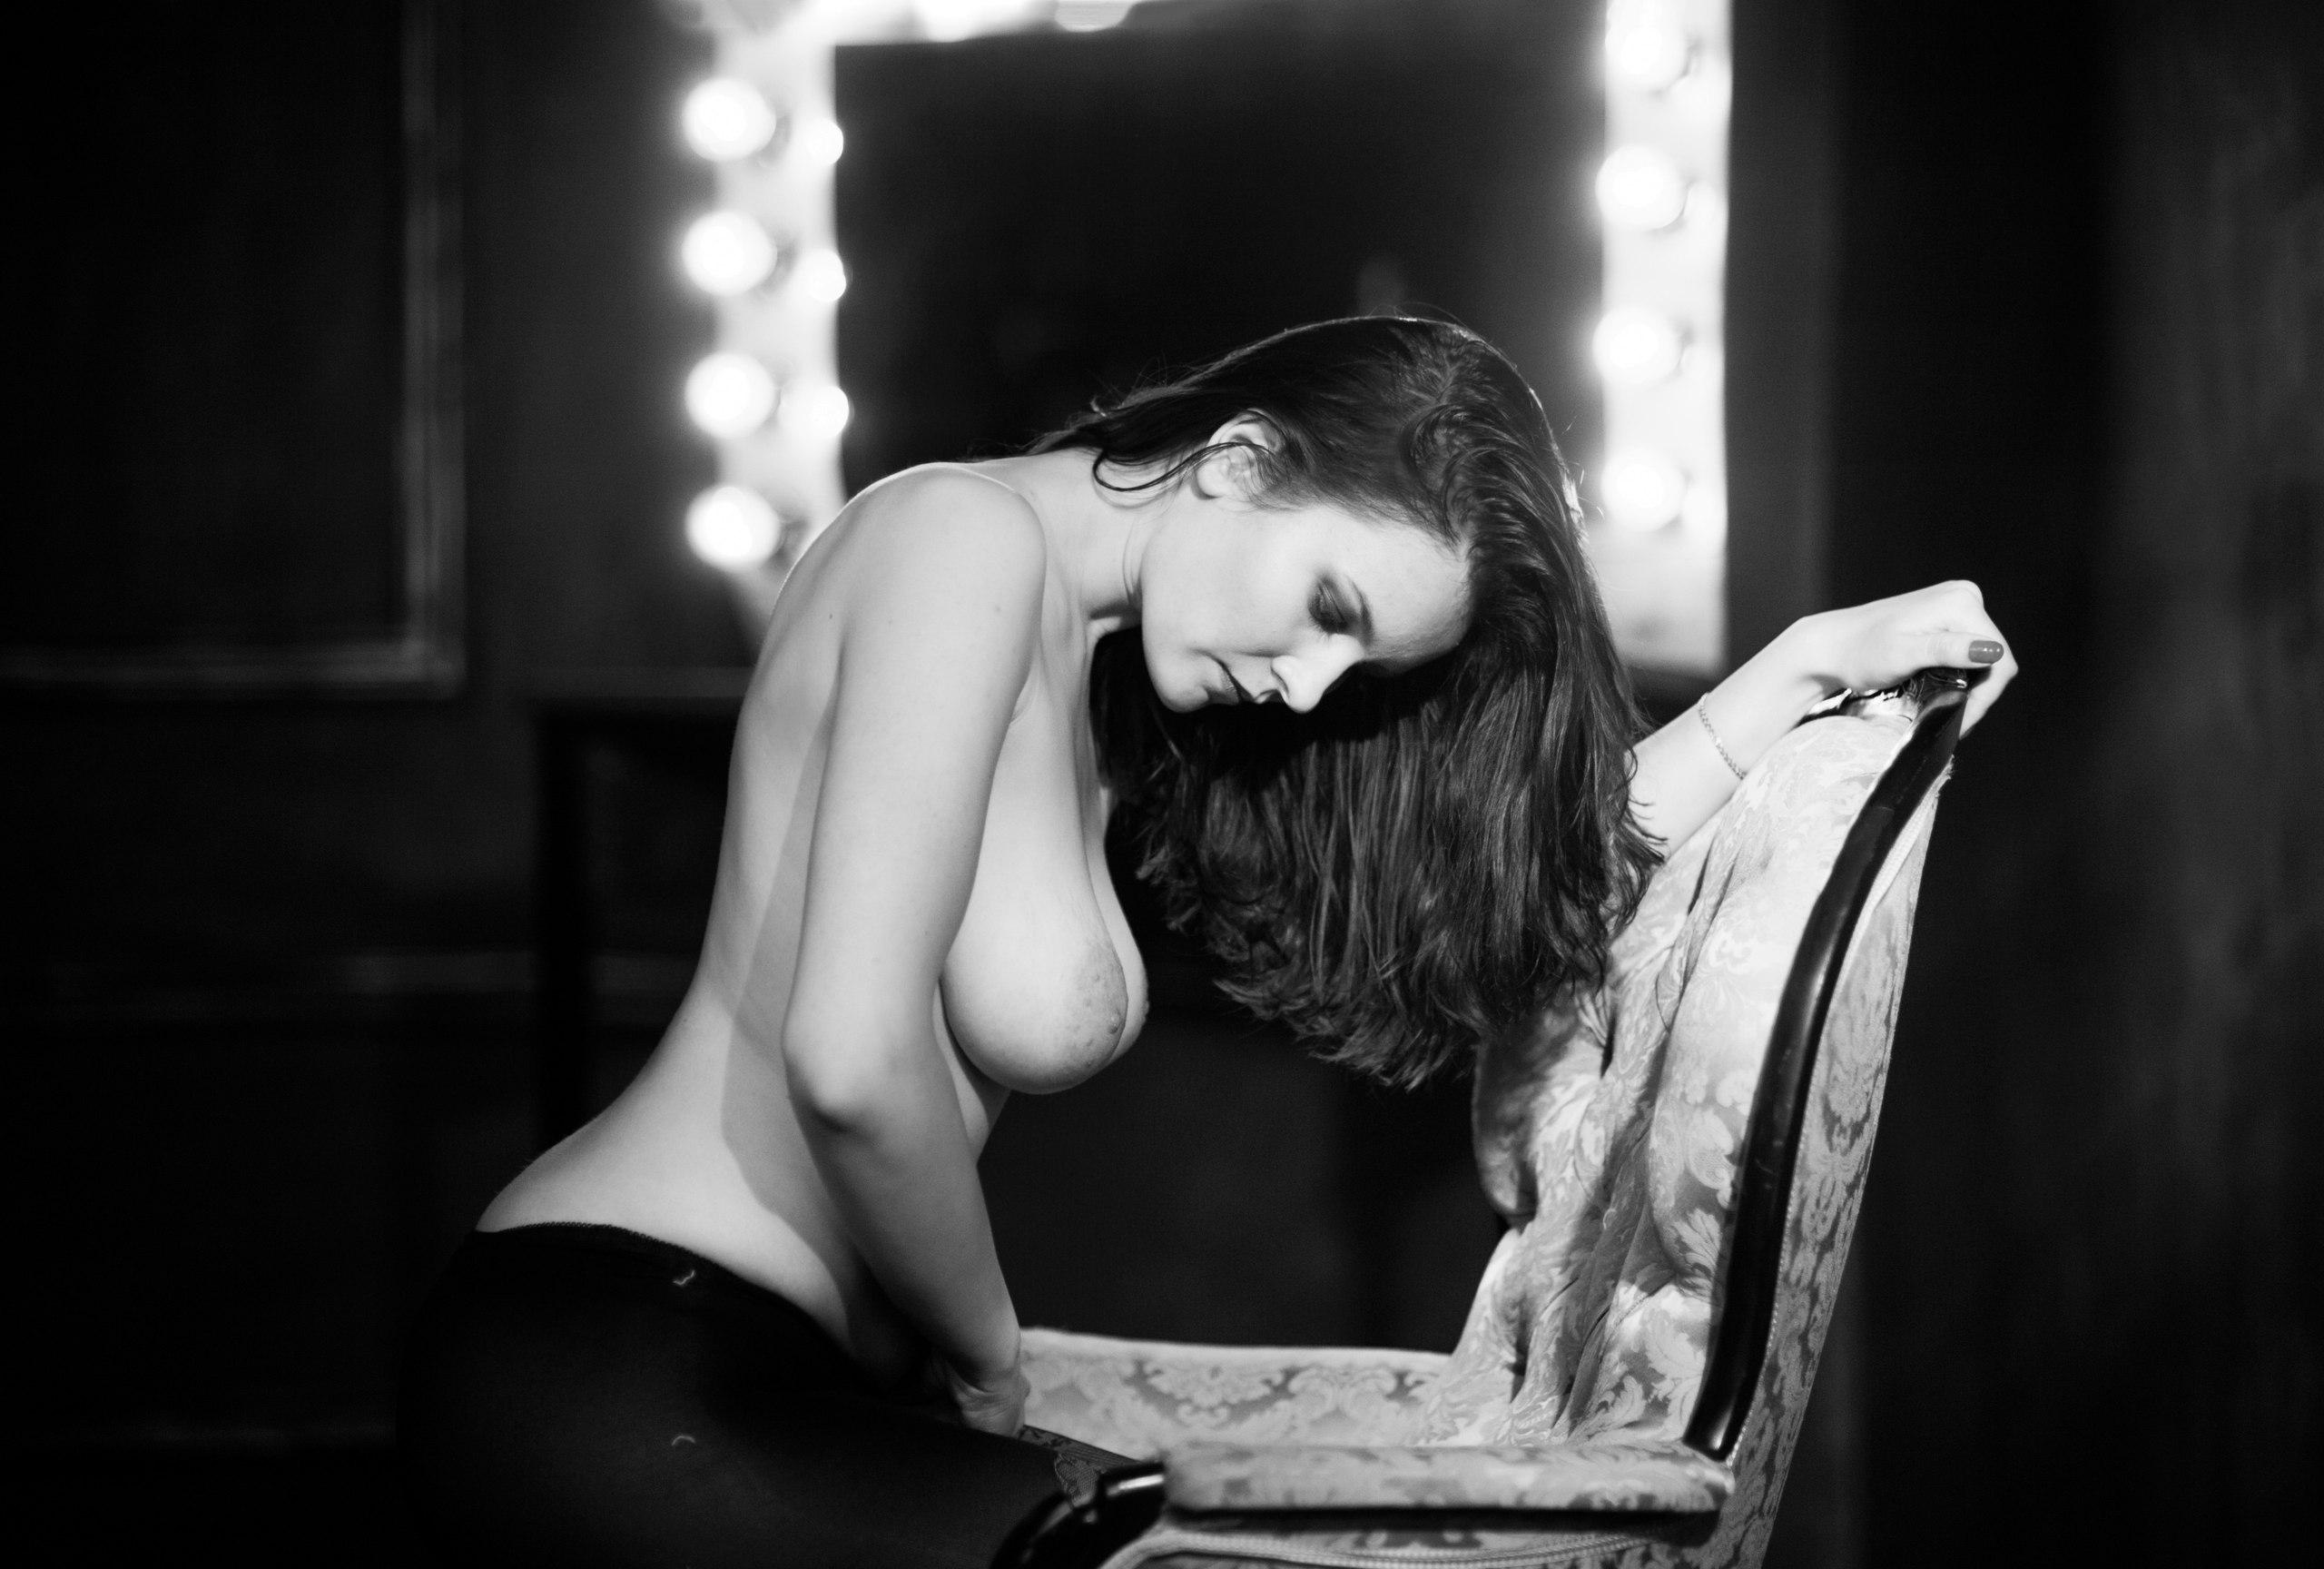 Профессиональные фото обнаженных женщин, Красивая обнаженка 15 фотография